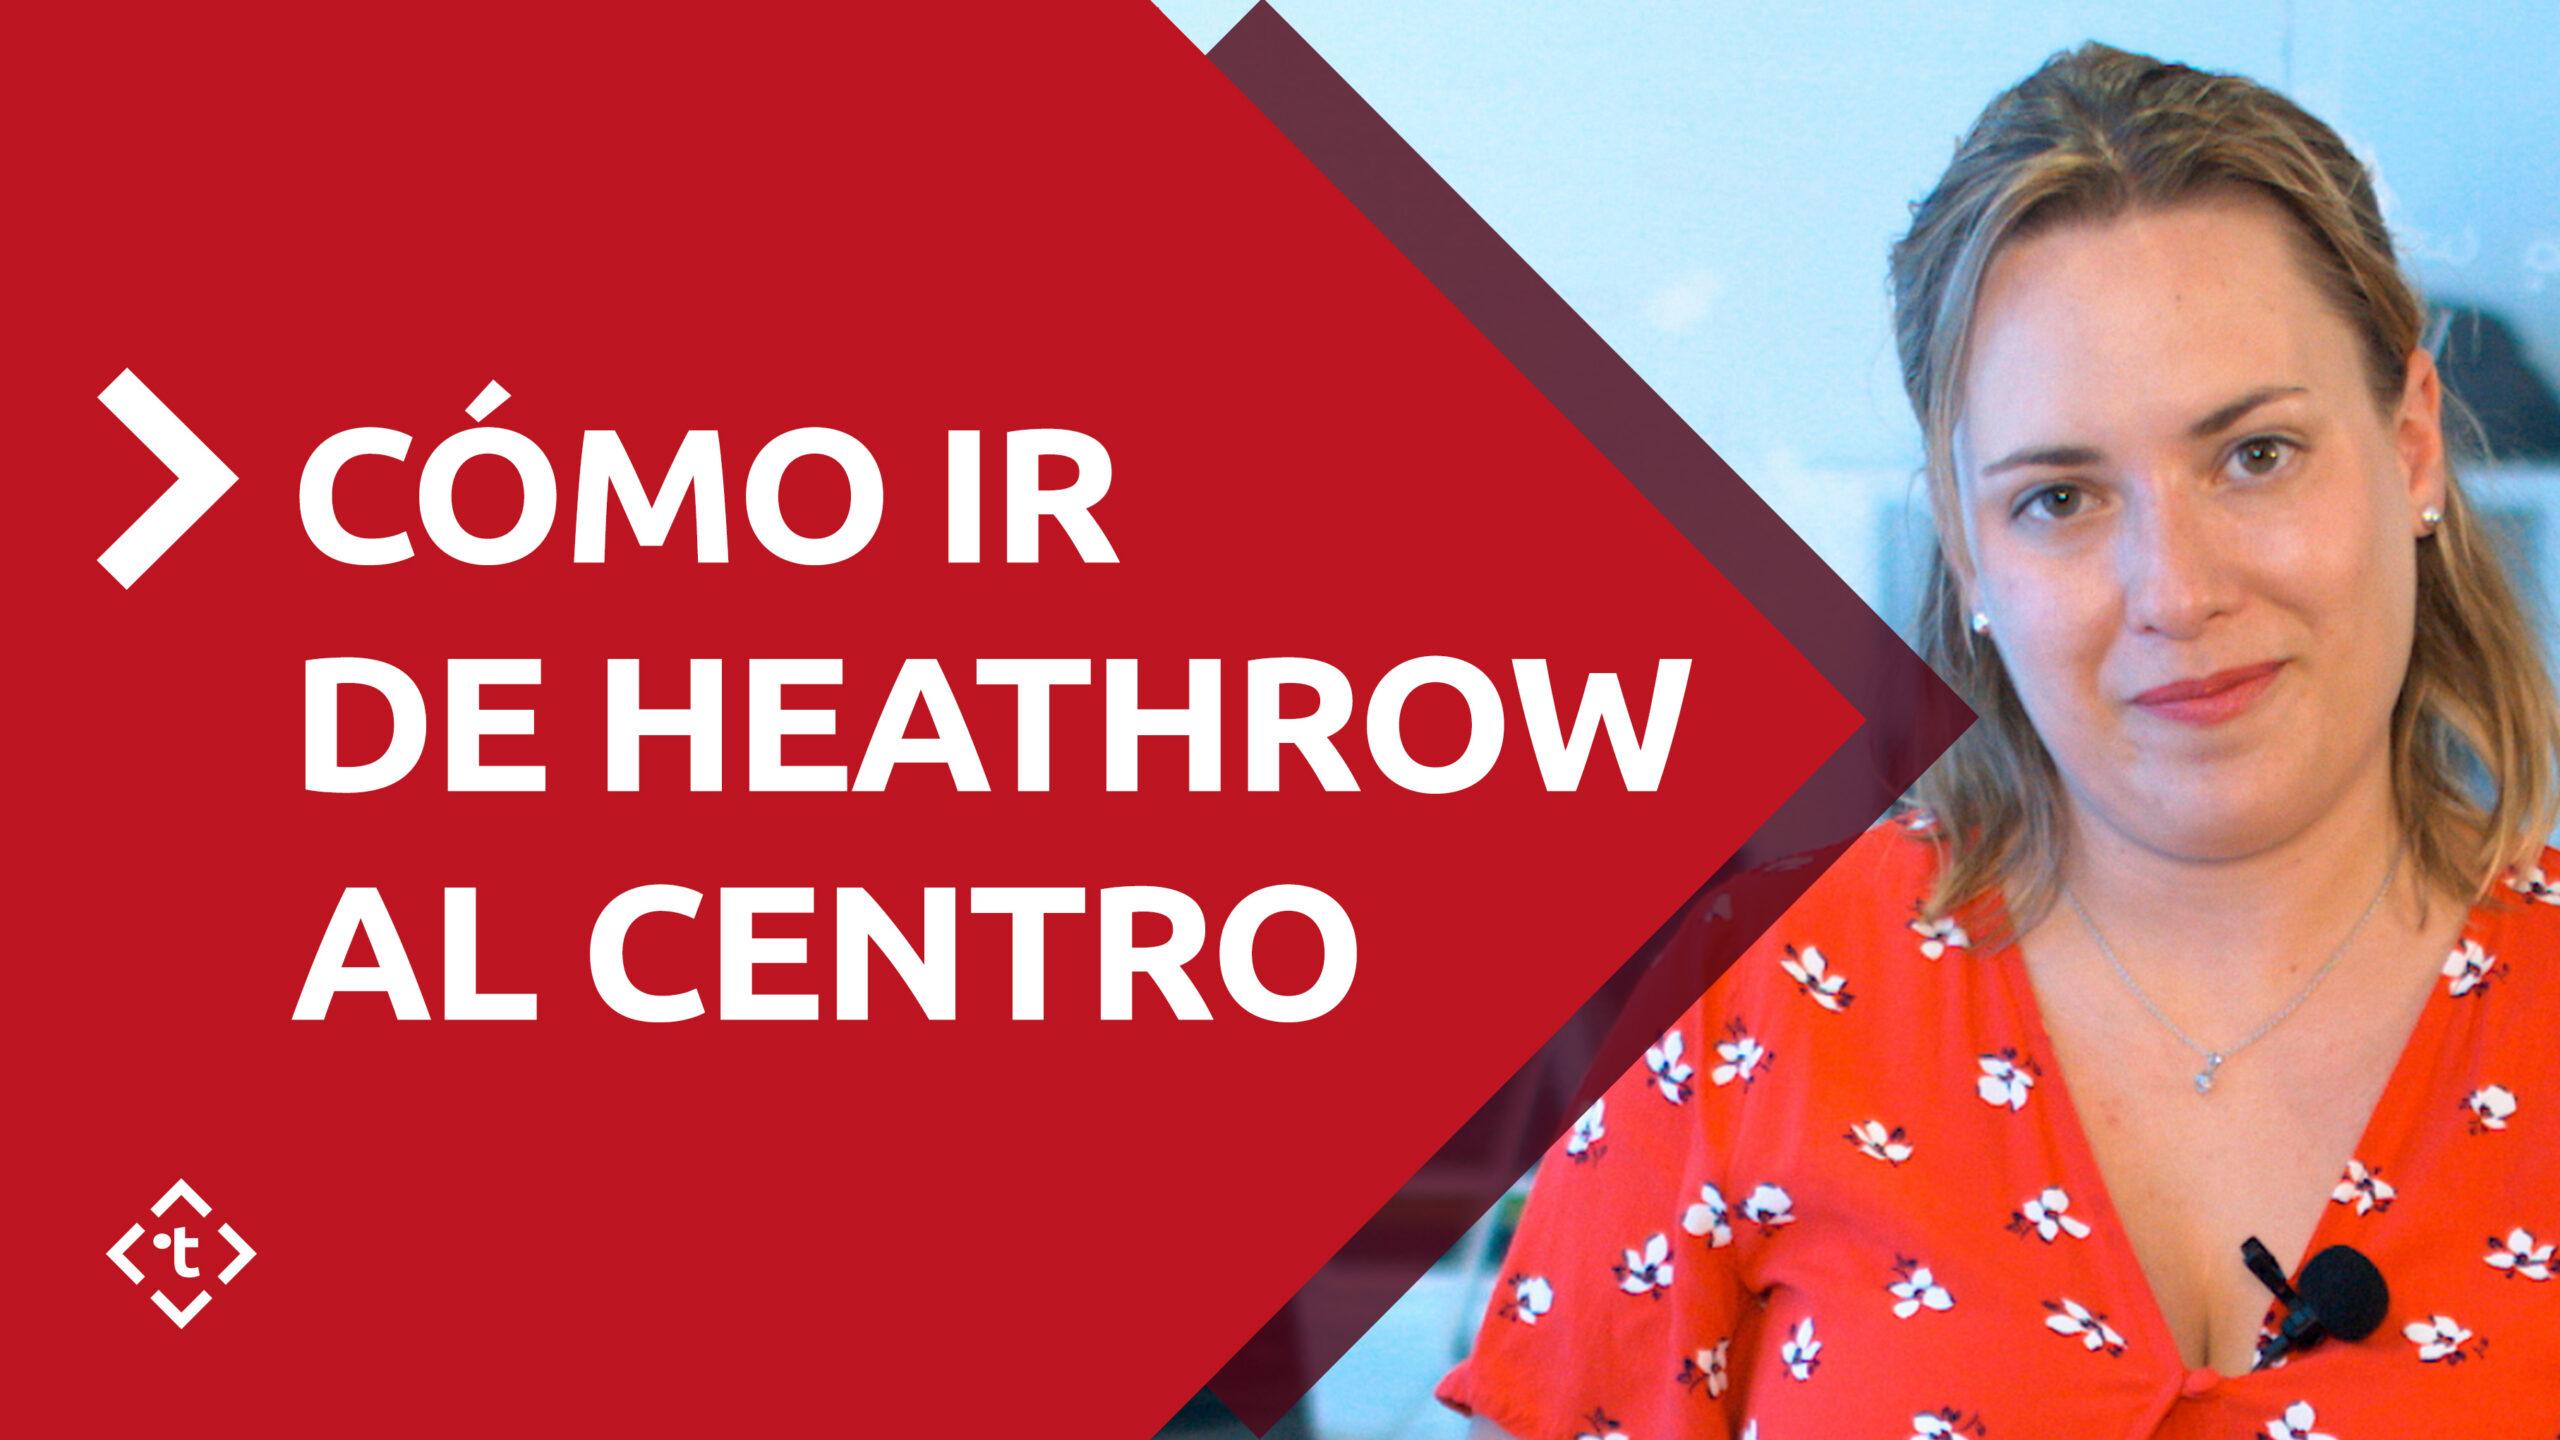 CÓMO IR DE HEATHROW AL CENTRO